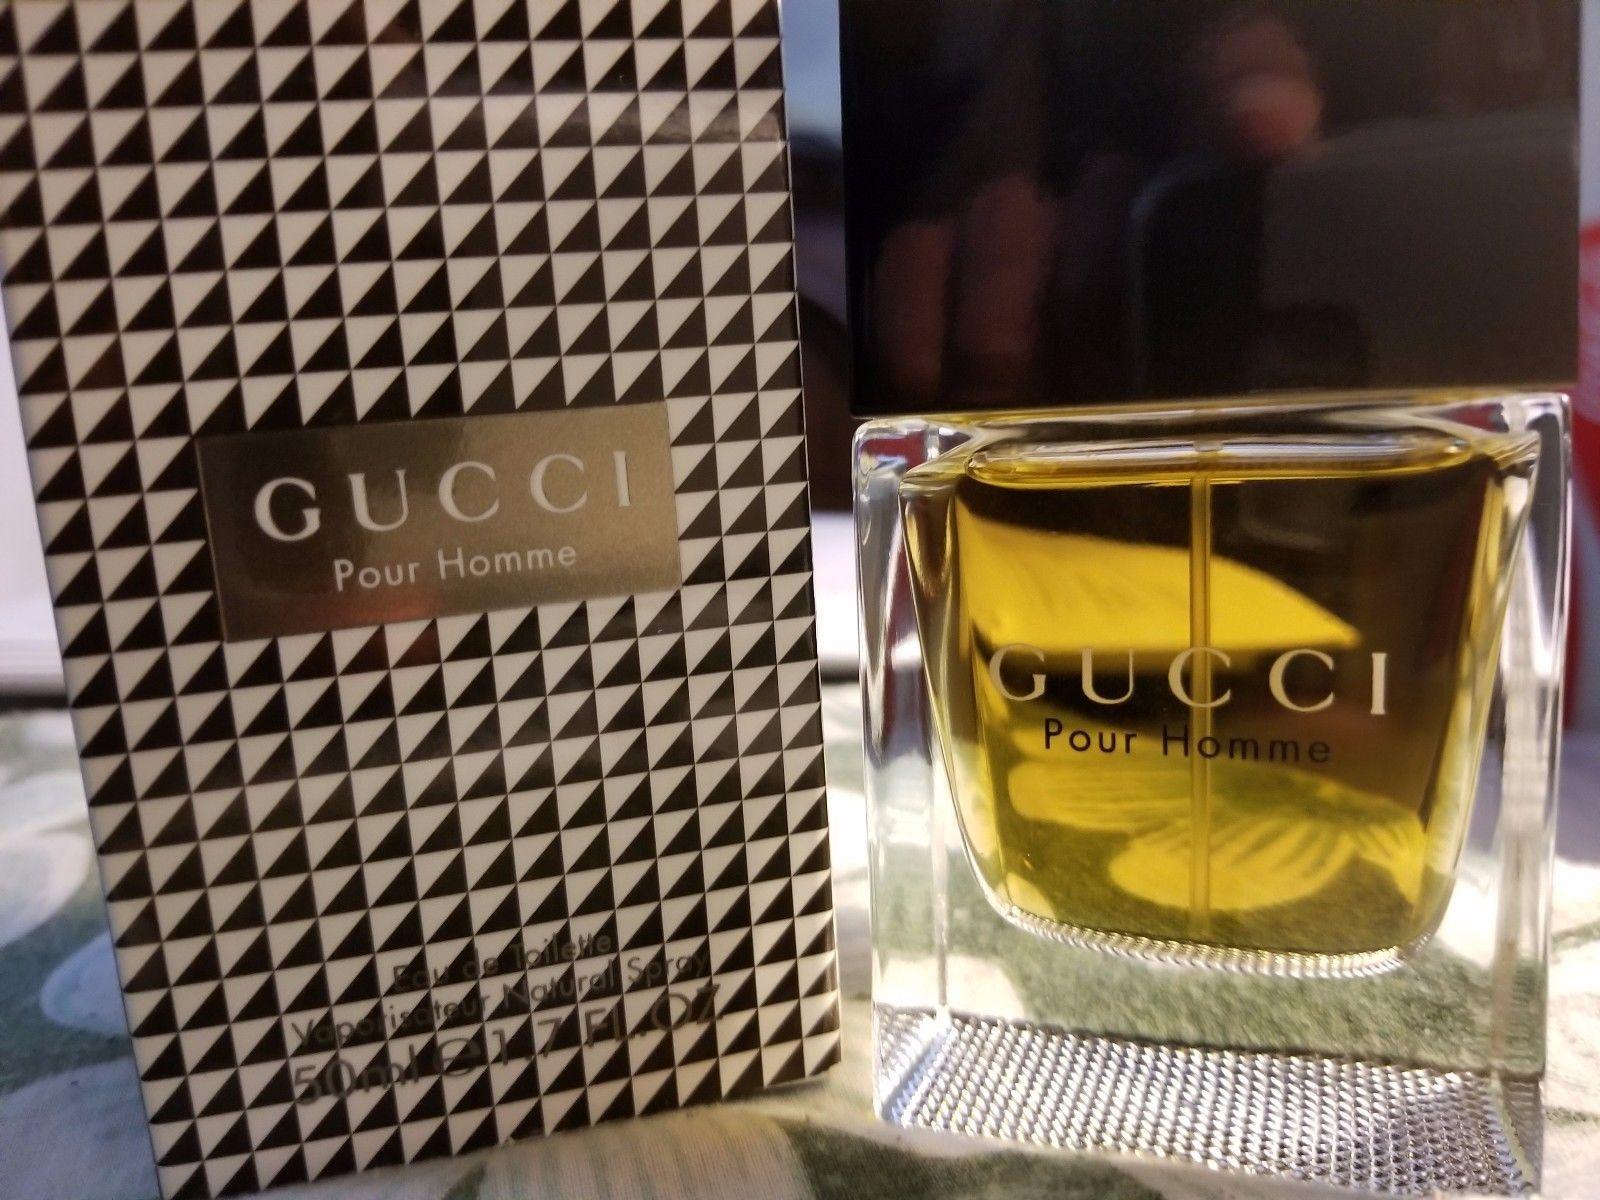 Gucci Pour Homme EDT Eau de Toilette 1.7 oz and 8 similar items. 57 039e49218f1a